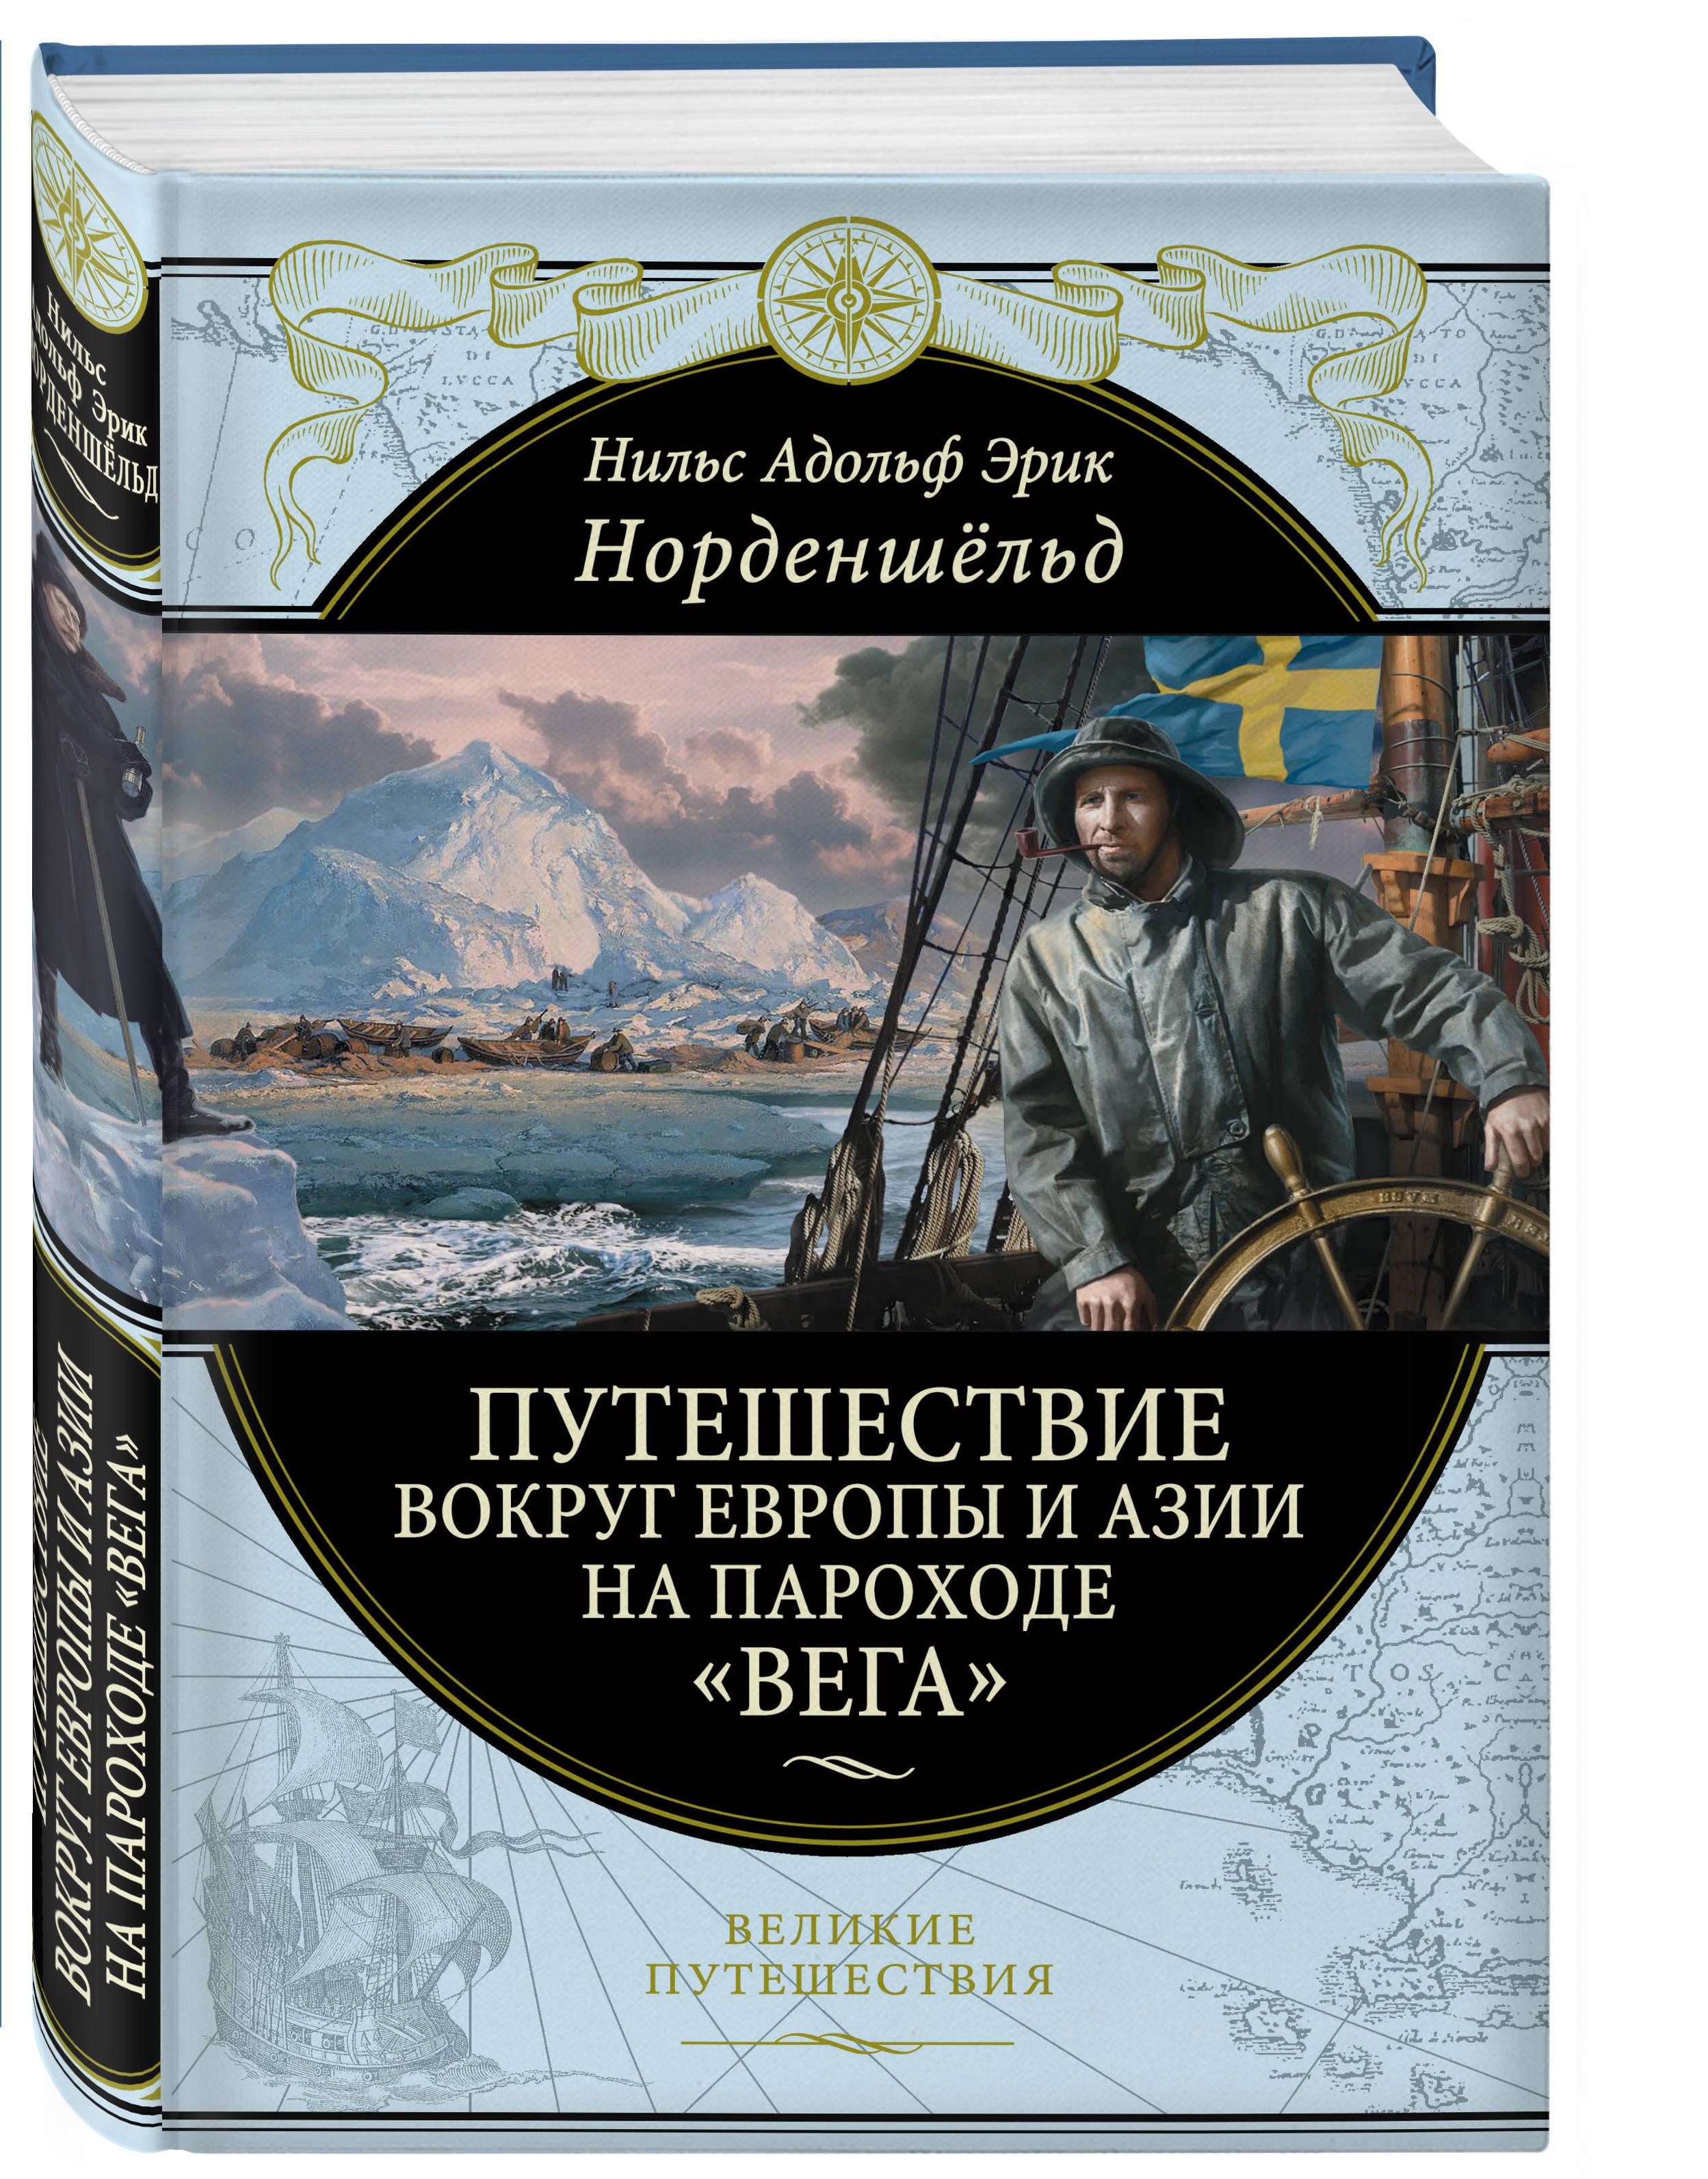 Адольф Эрик Норденшёльд Путешествие вокруг Европы и Азии на пароходе Вега в 1878-1880 годах норденшельд а путешествие вокруг европы и азии на пароходе вега в 1878 1880 годах